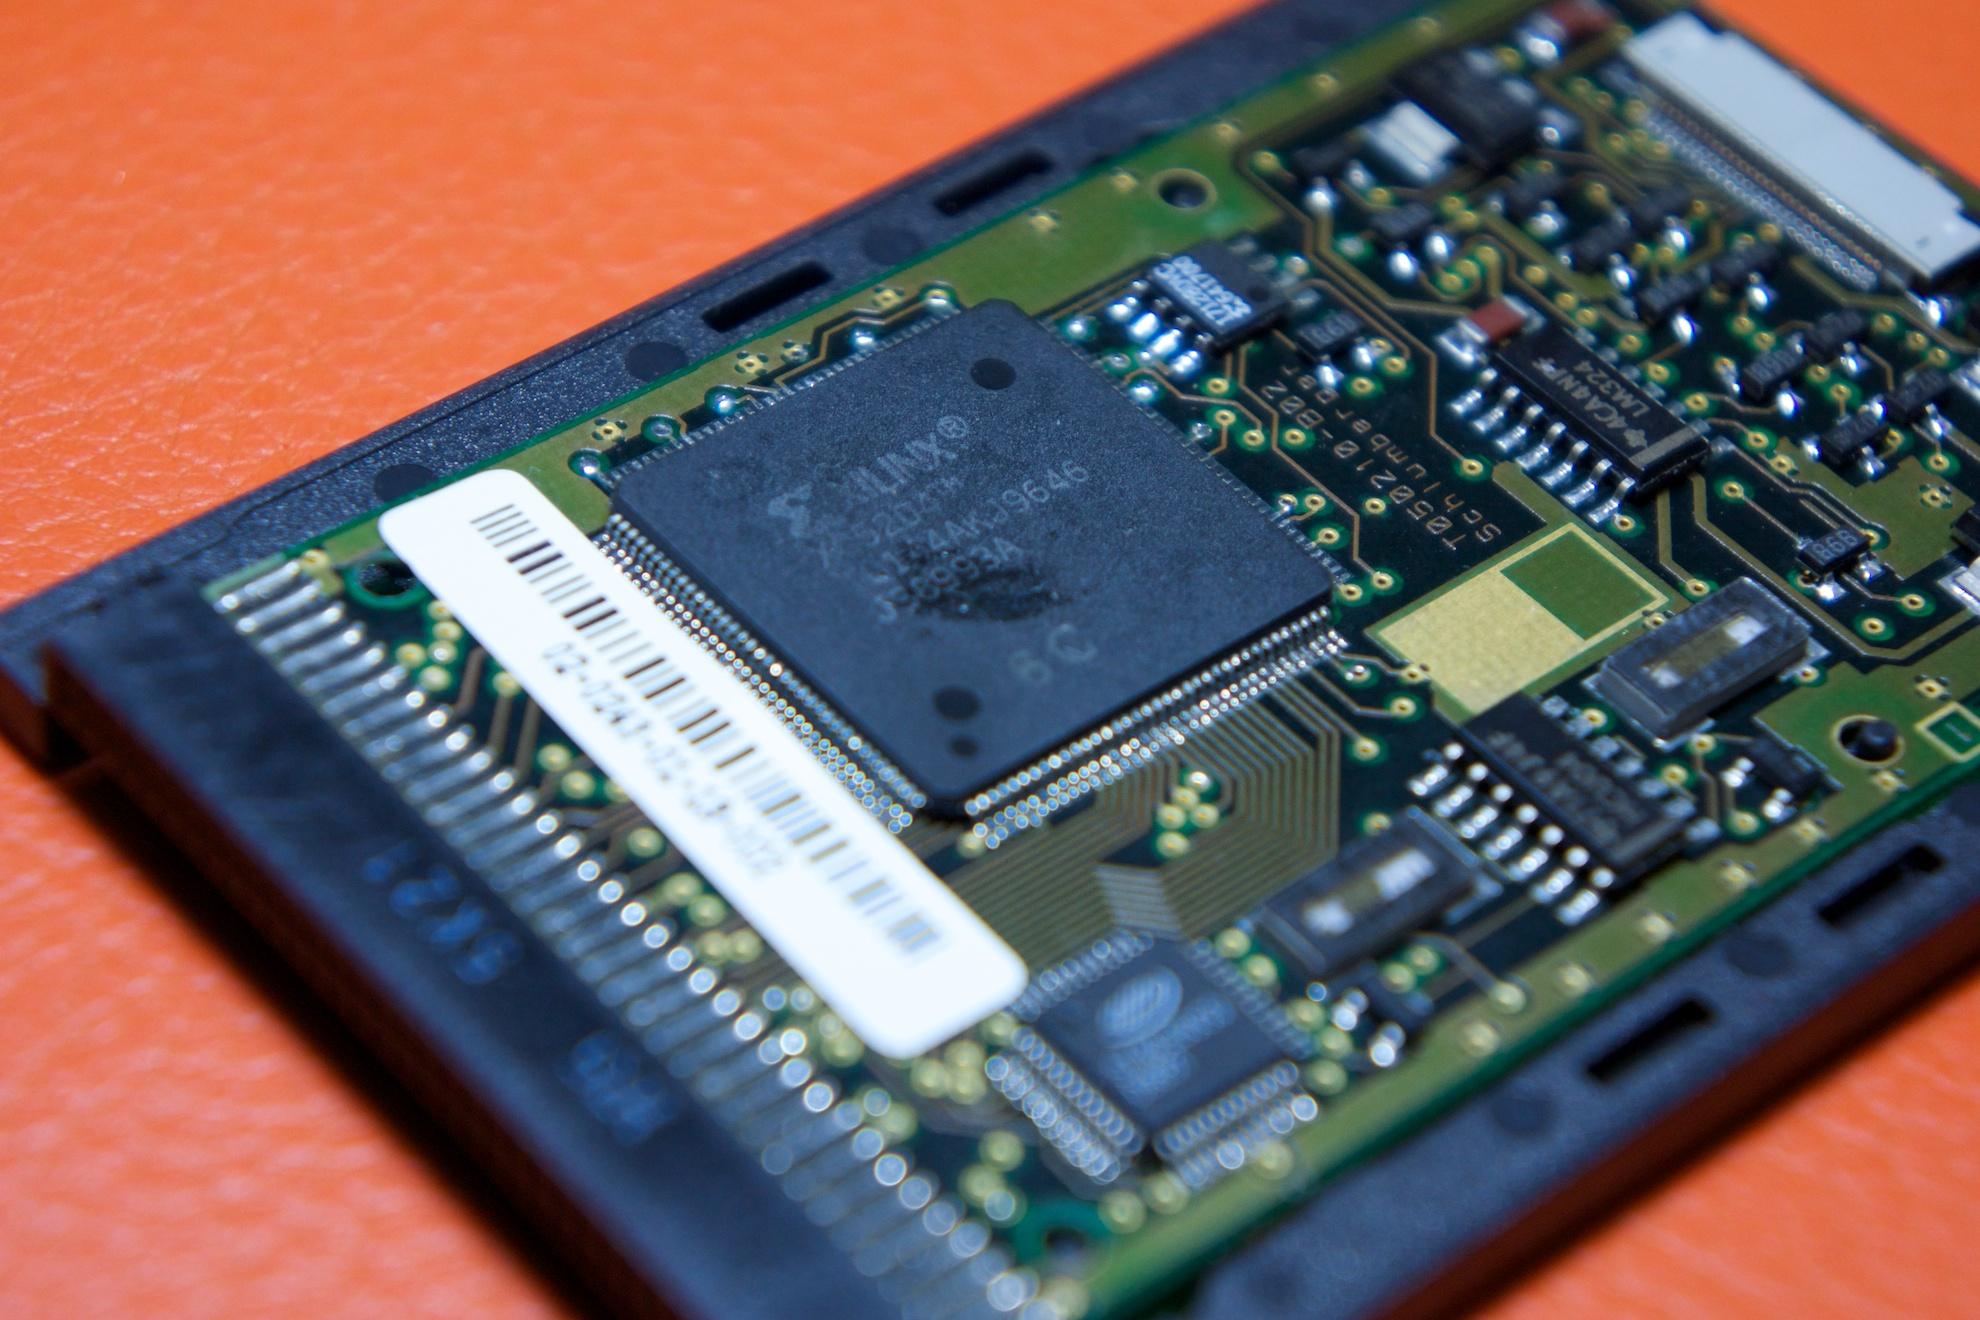 Une partie de l'électronique de Schlumberger, au format carte PCMCIA